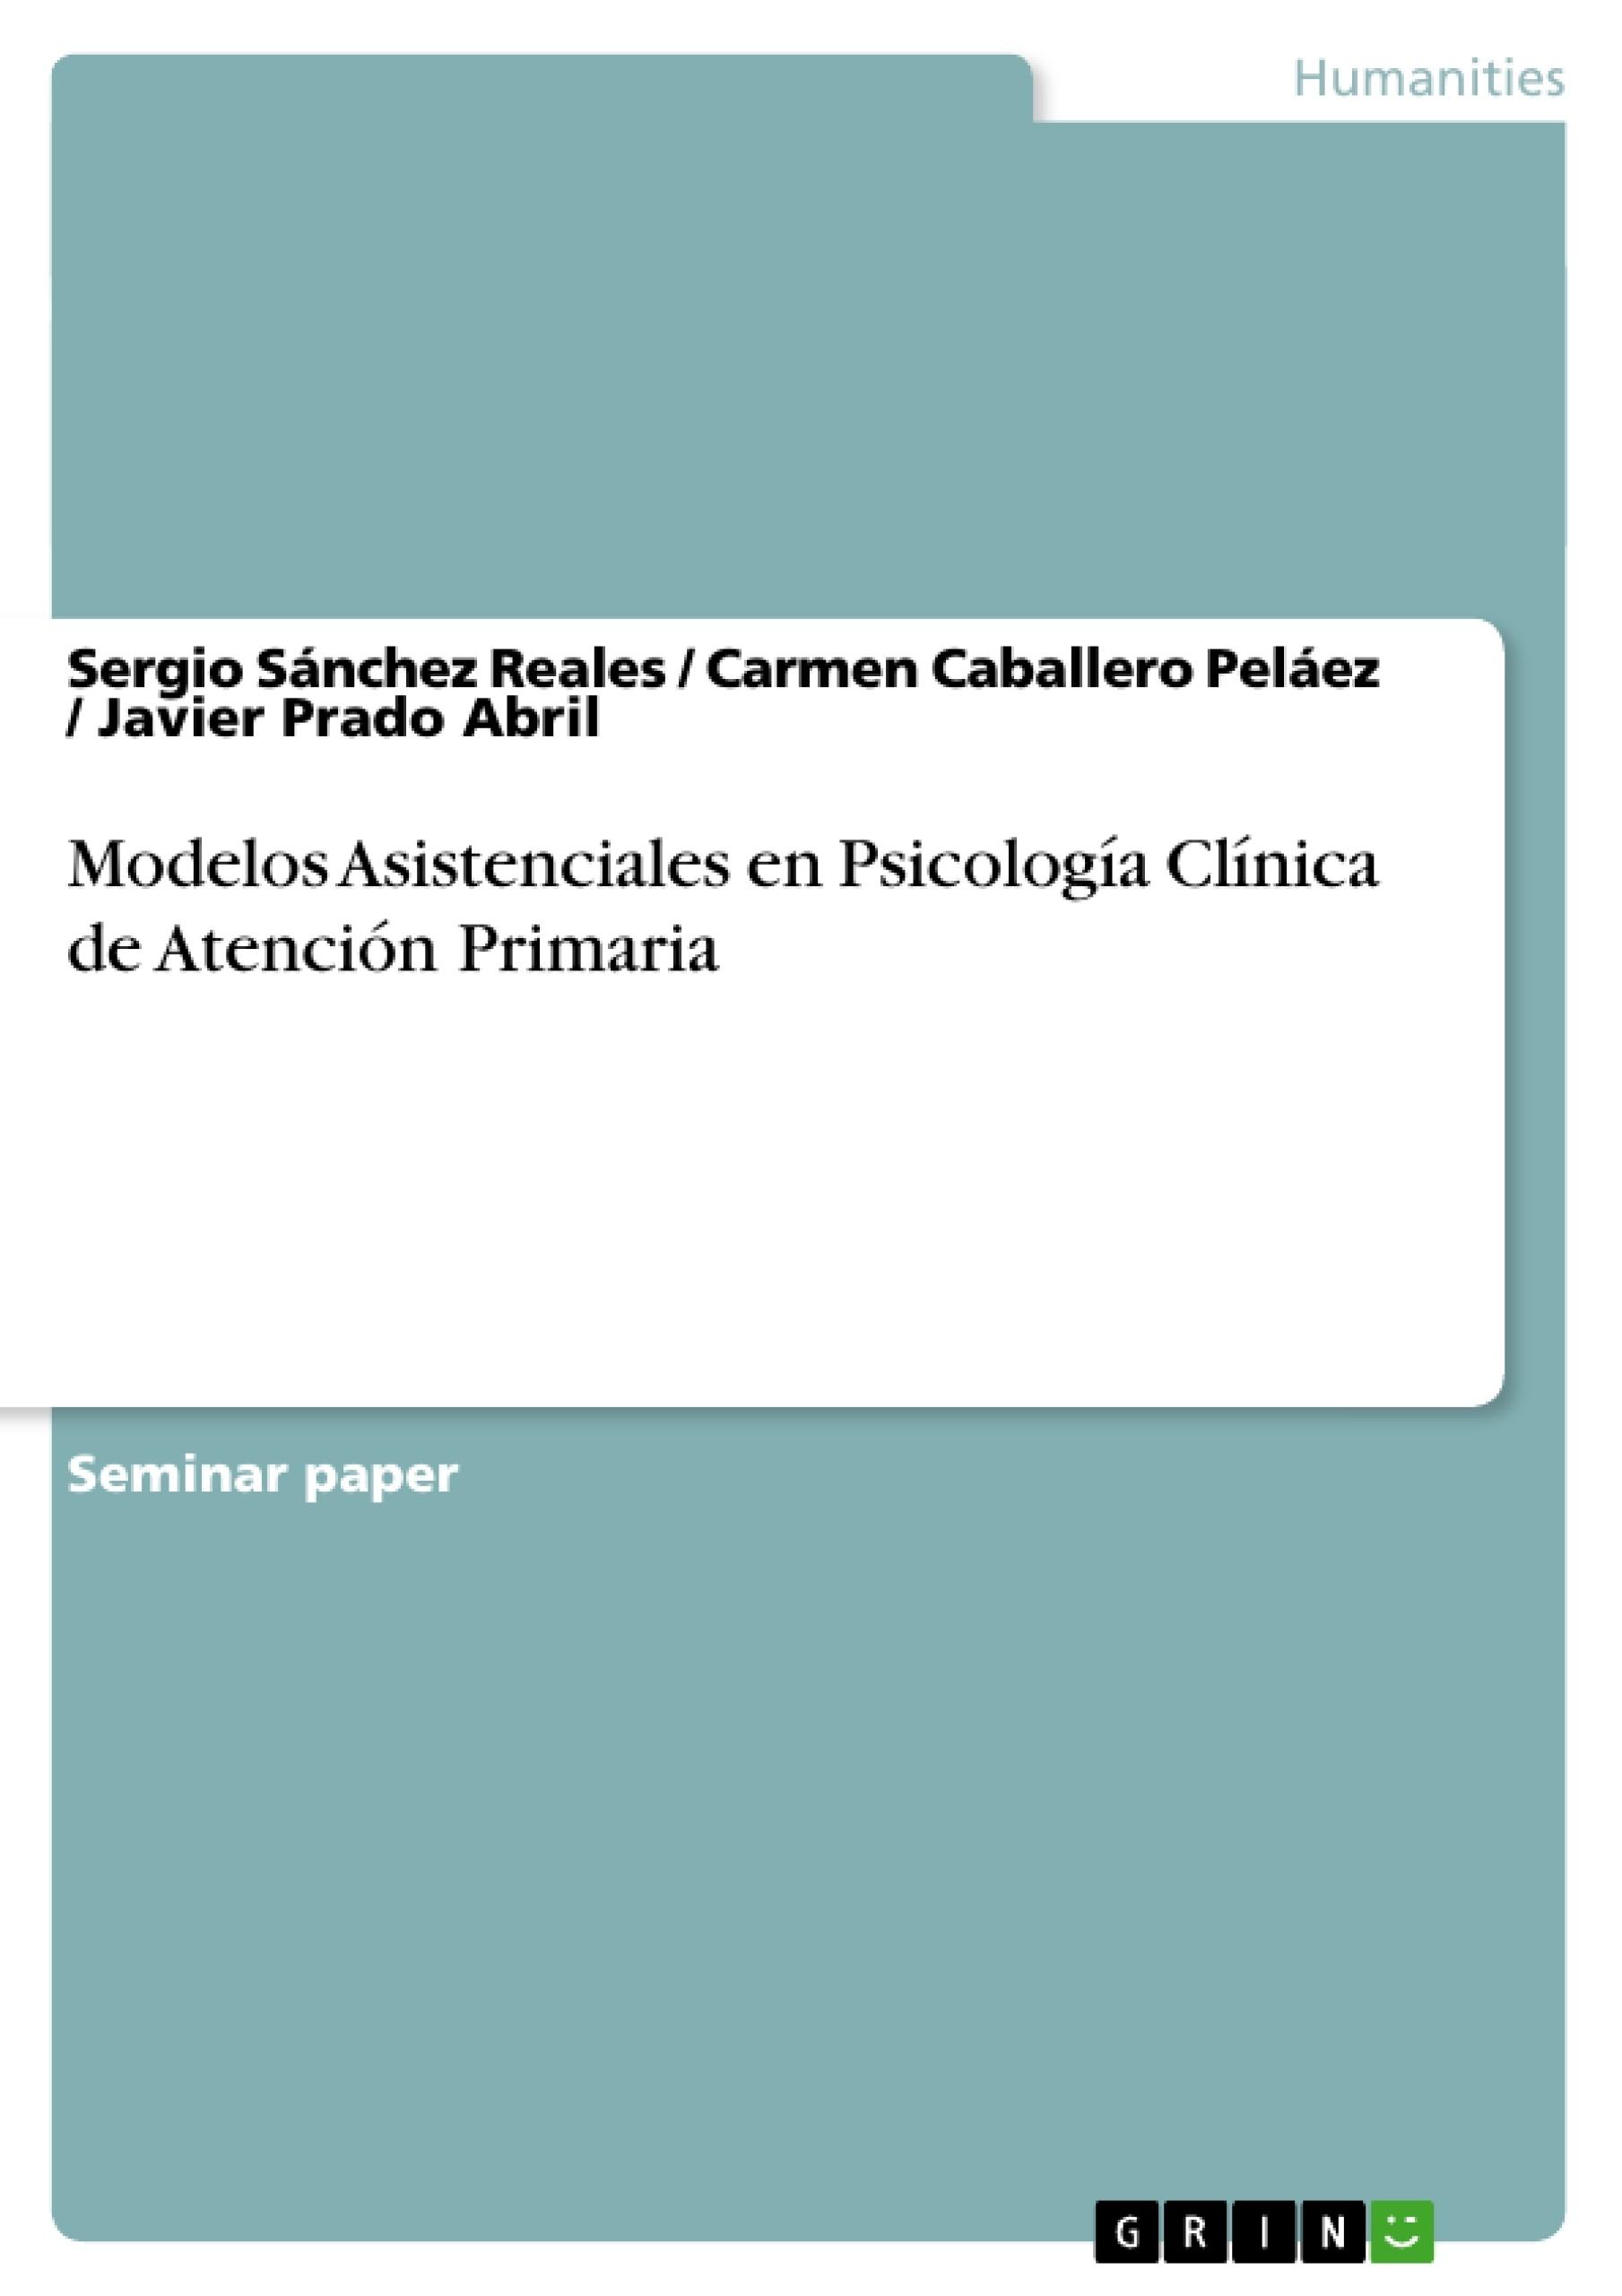 Título: Modelos Asistenciales en Psicología Clínica de Atención Primaria